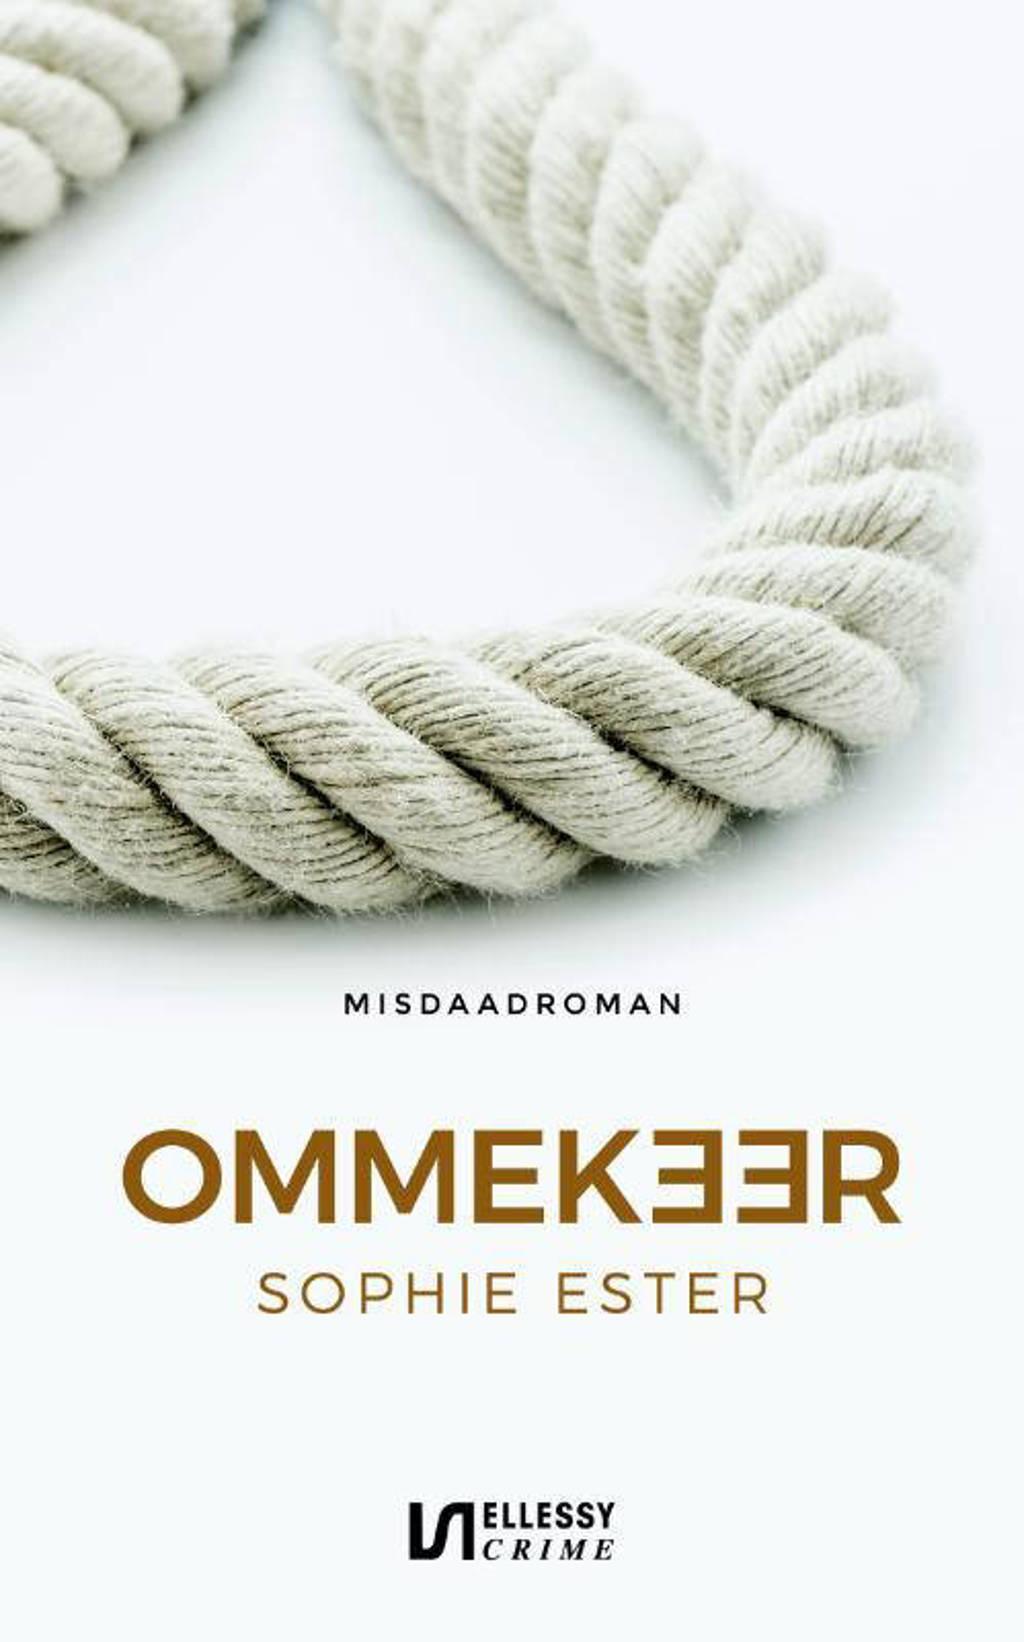 Ommekeer - Sophie Ester